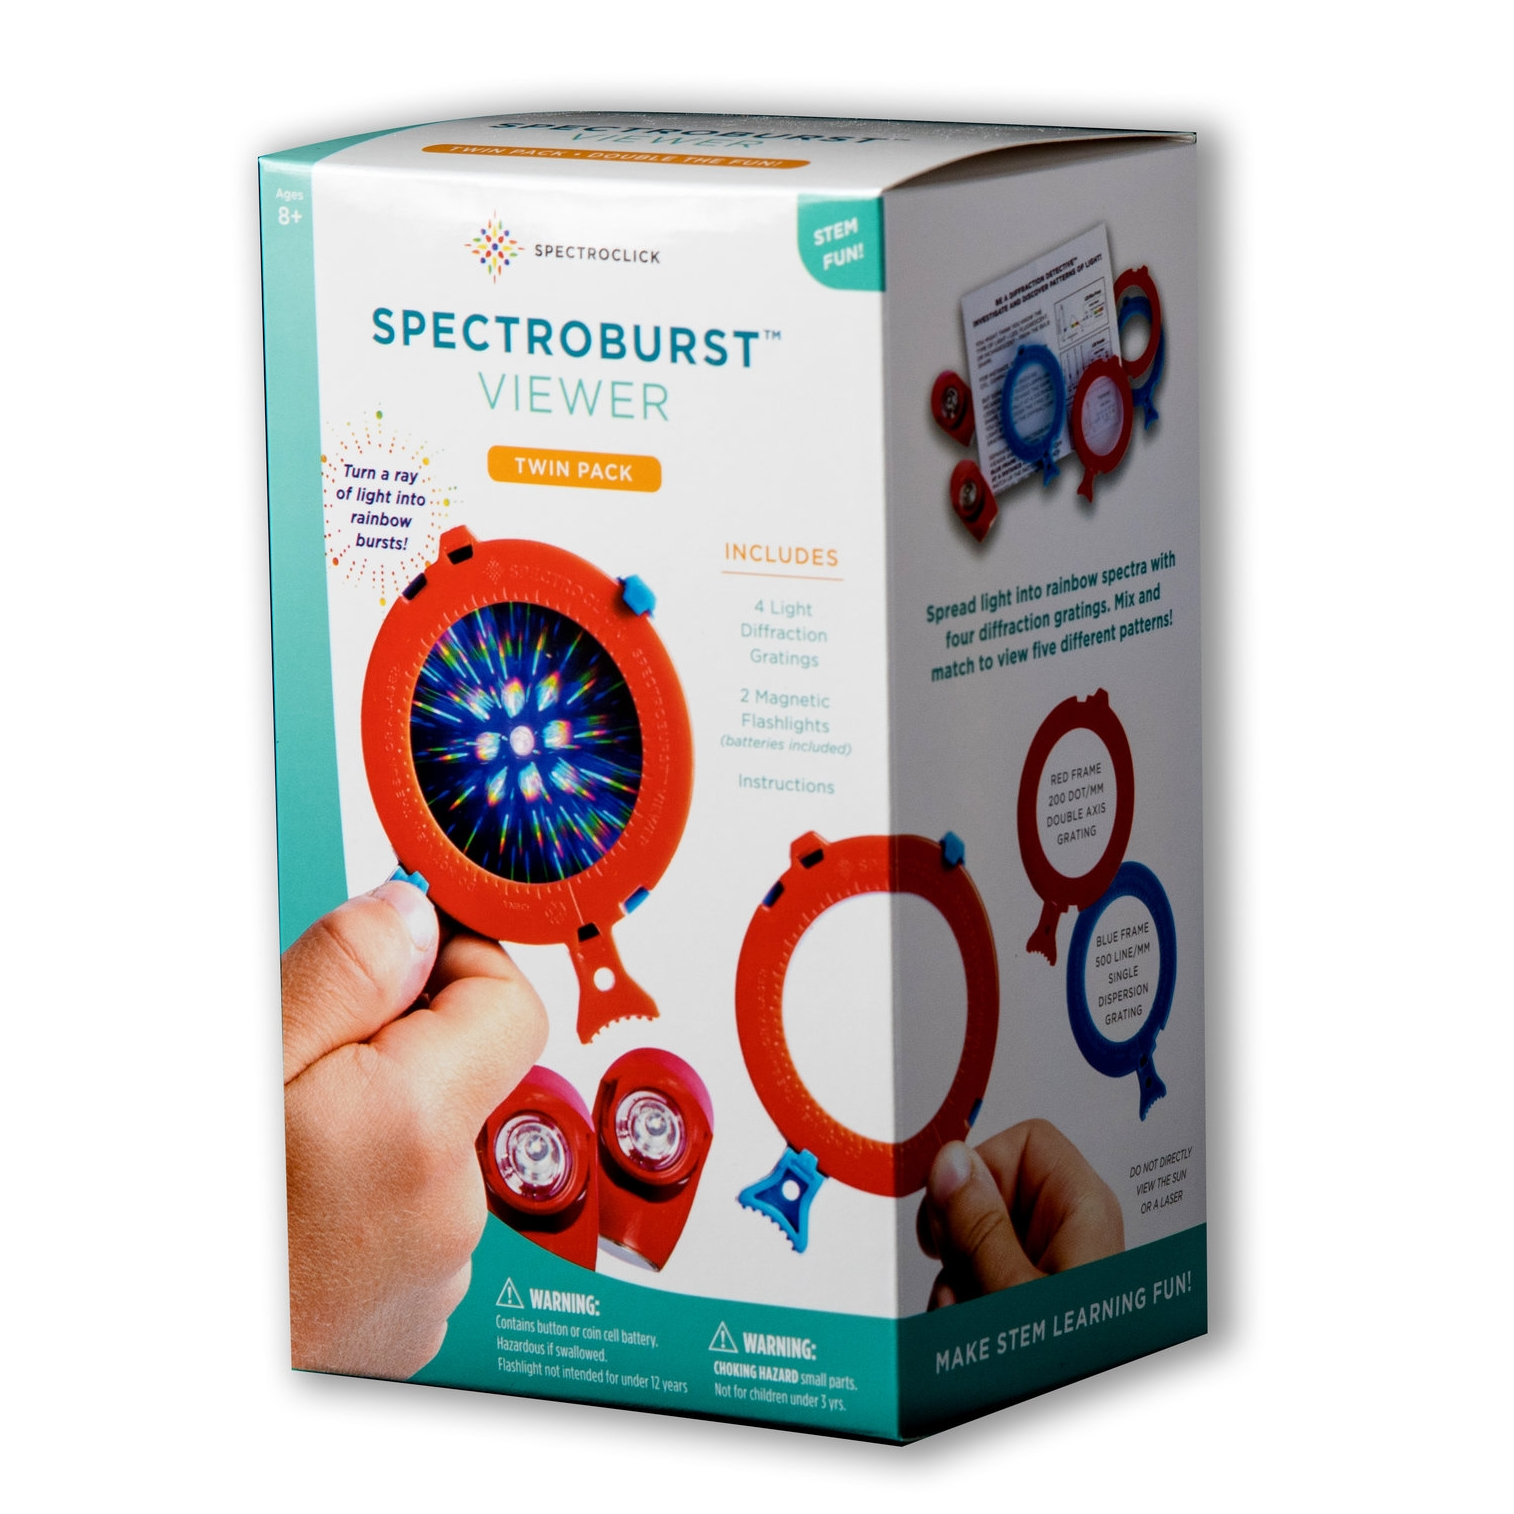 Spectroburst Viewer